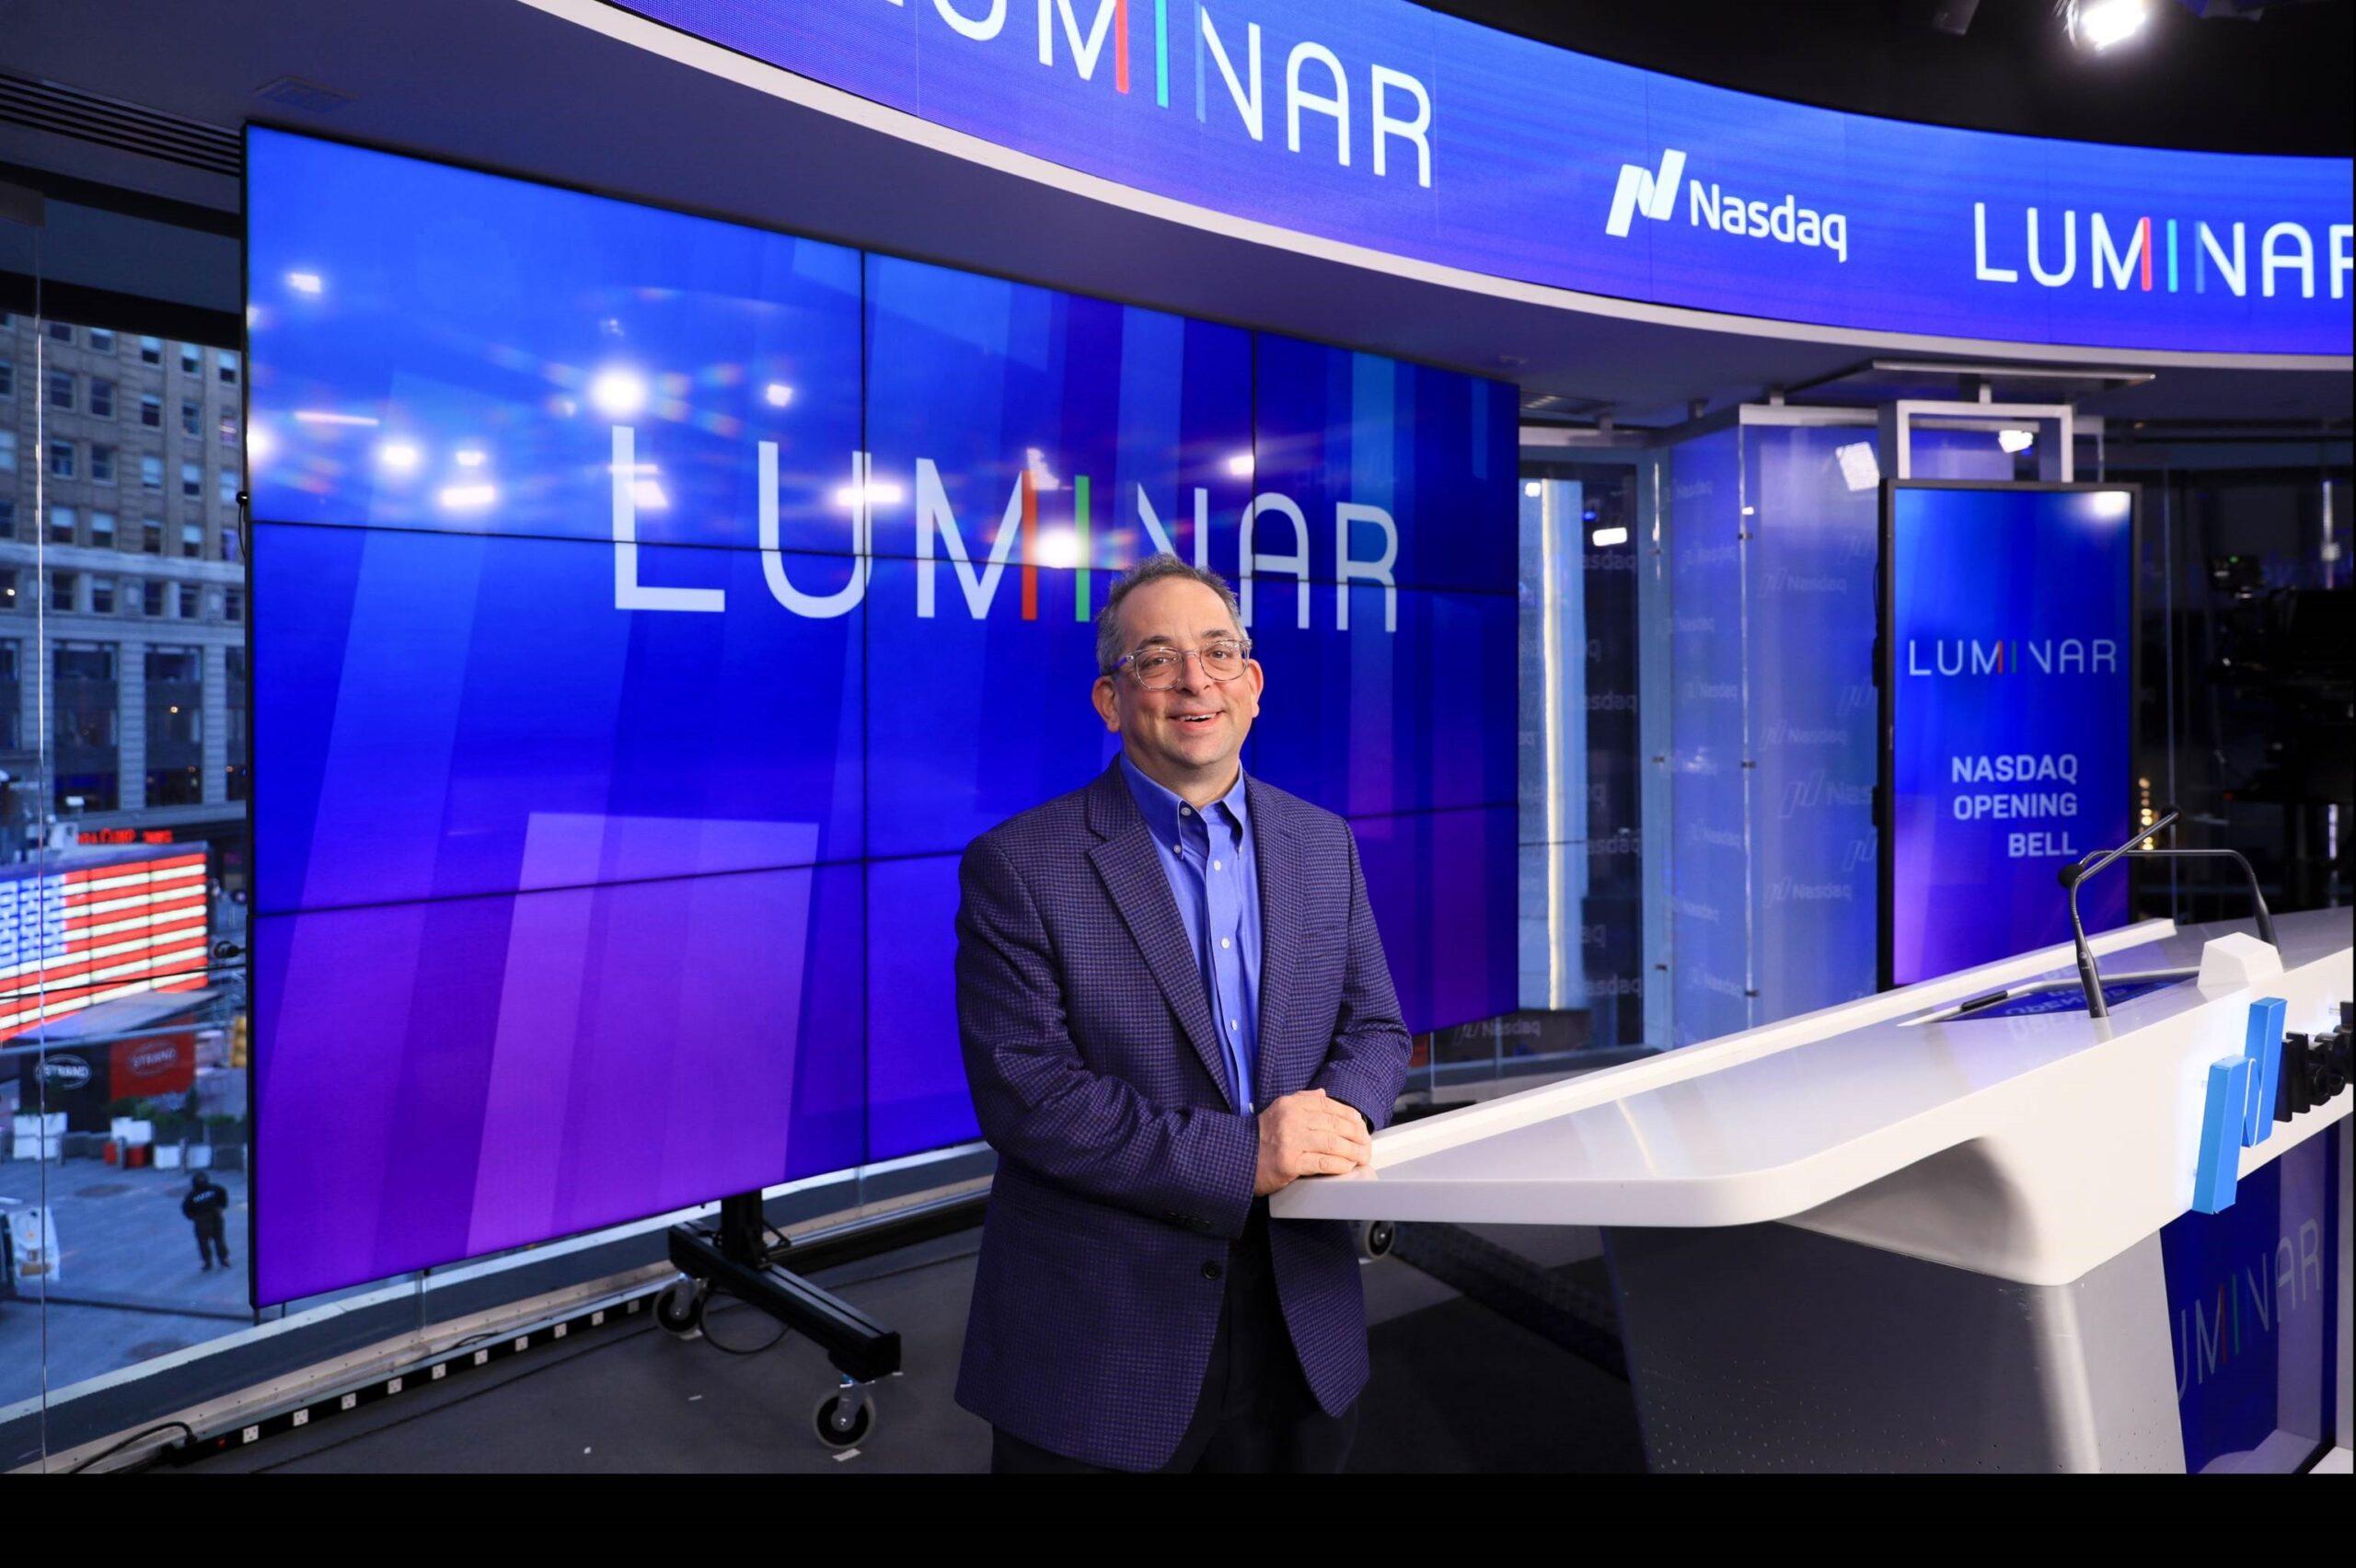 Luminar's Jason Eichenholz to keynote symposium